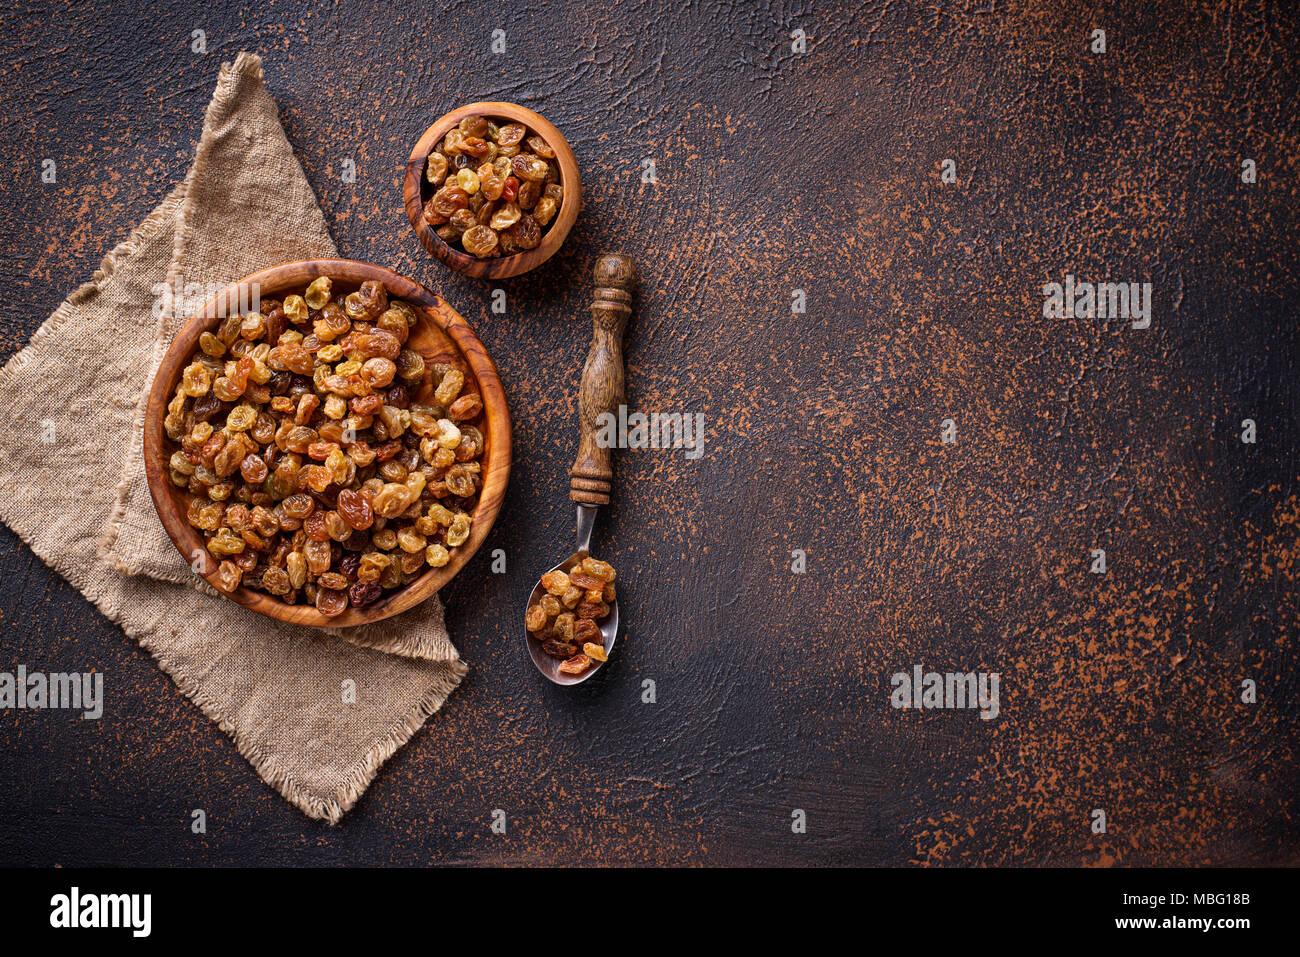 Les raisins secs dans un bol en bois sur fond rouille Banque D'Images